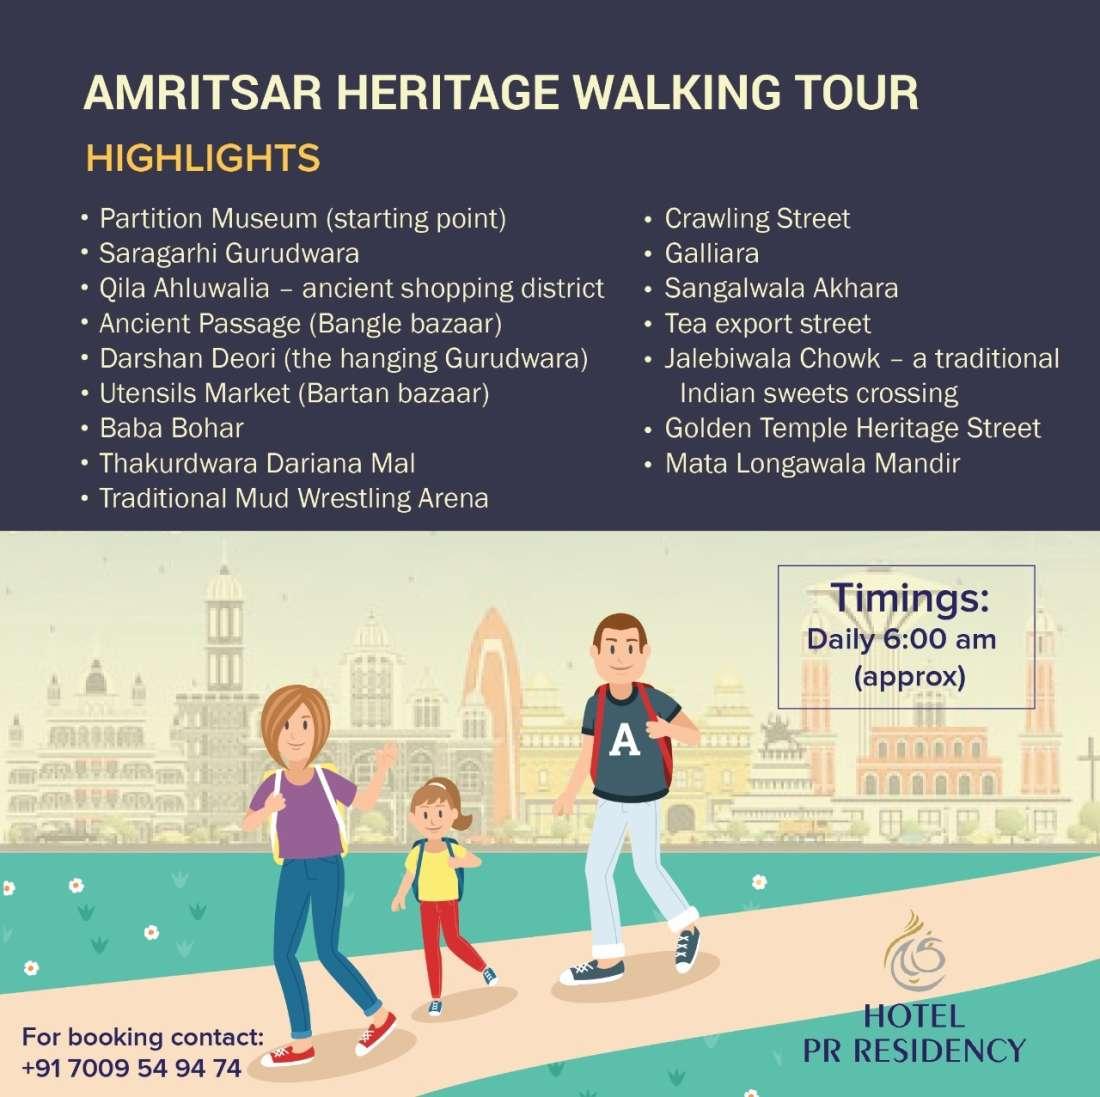 Heritage Walking Tour-Amritsar - Hotel PR